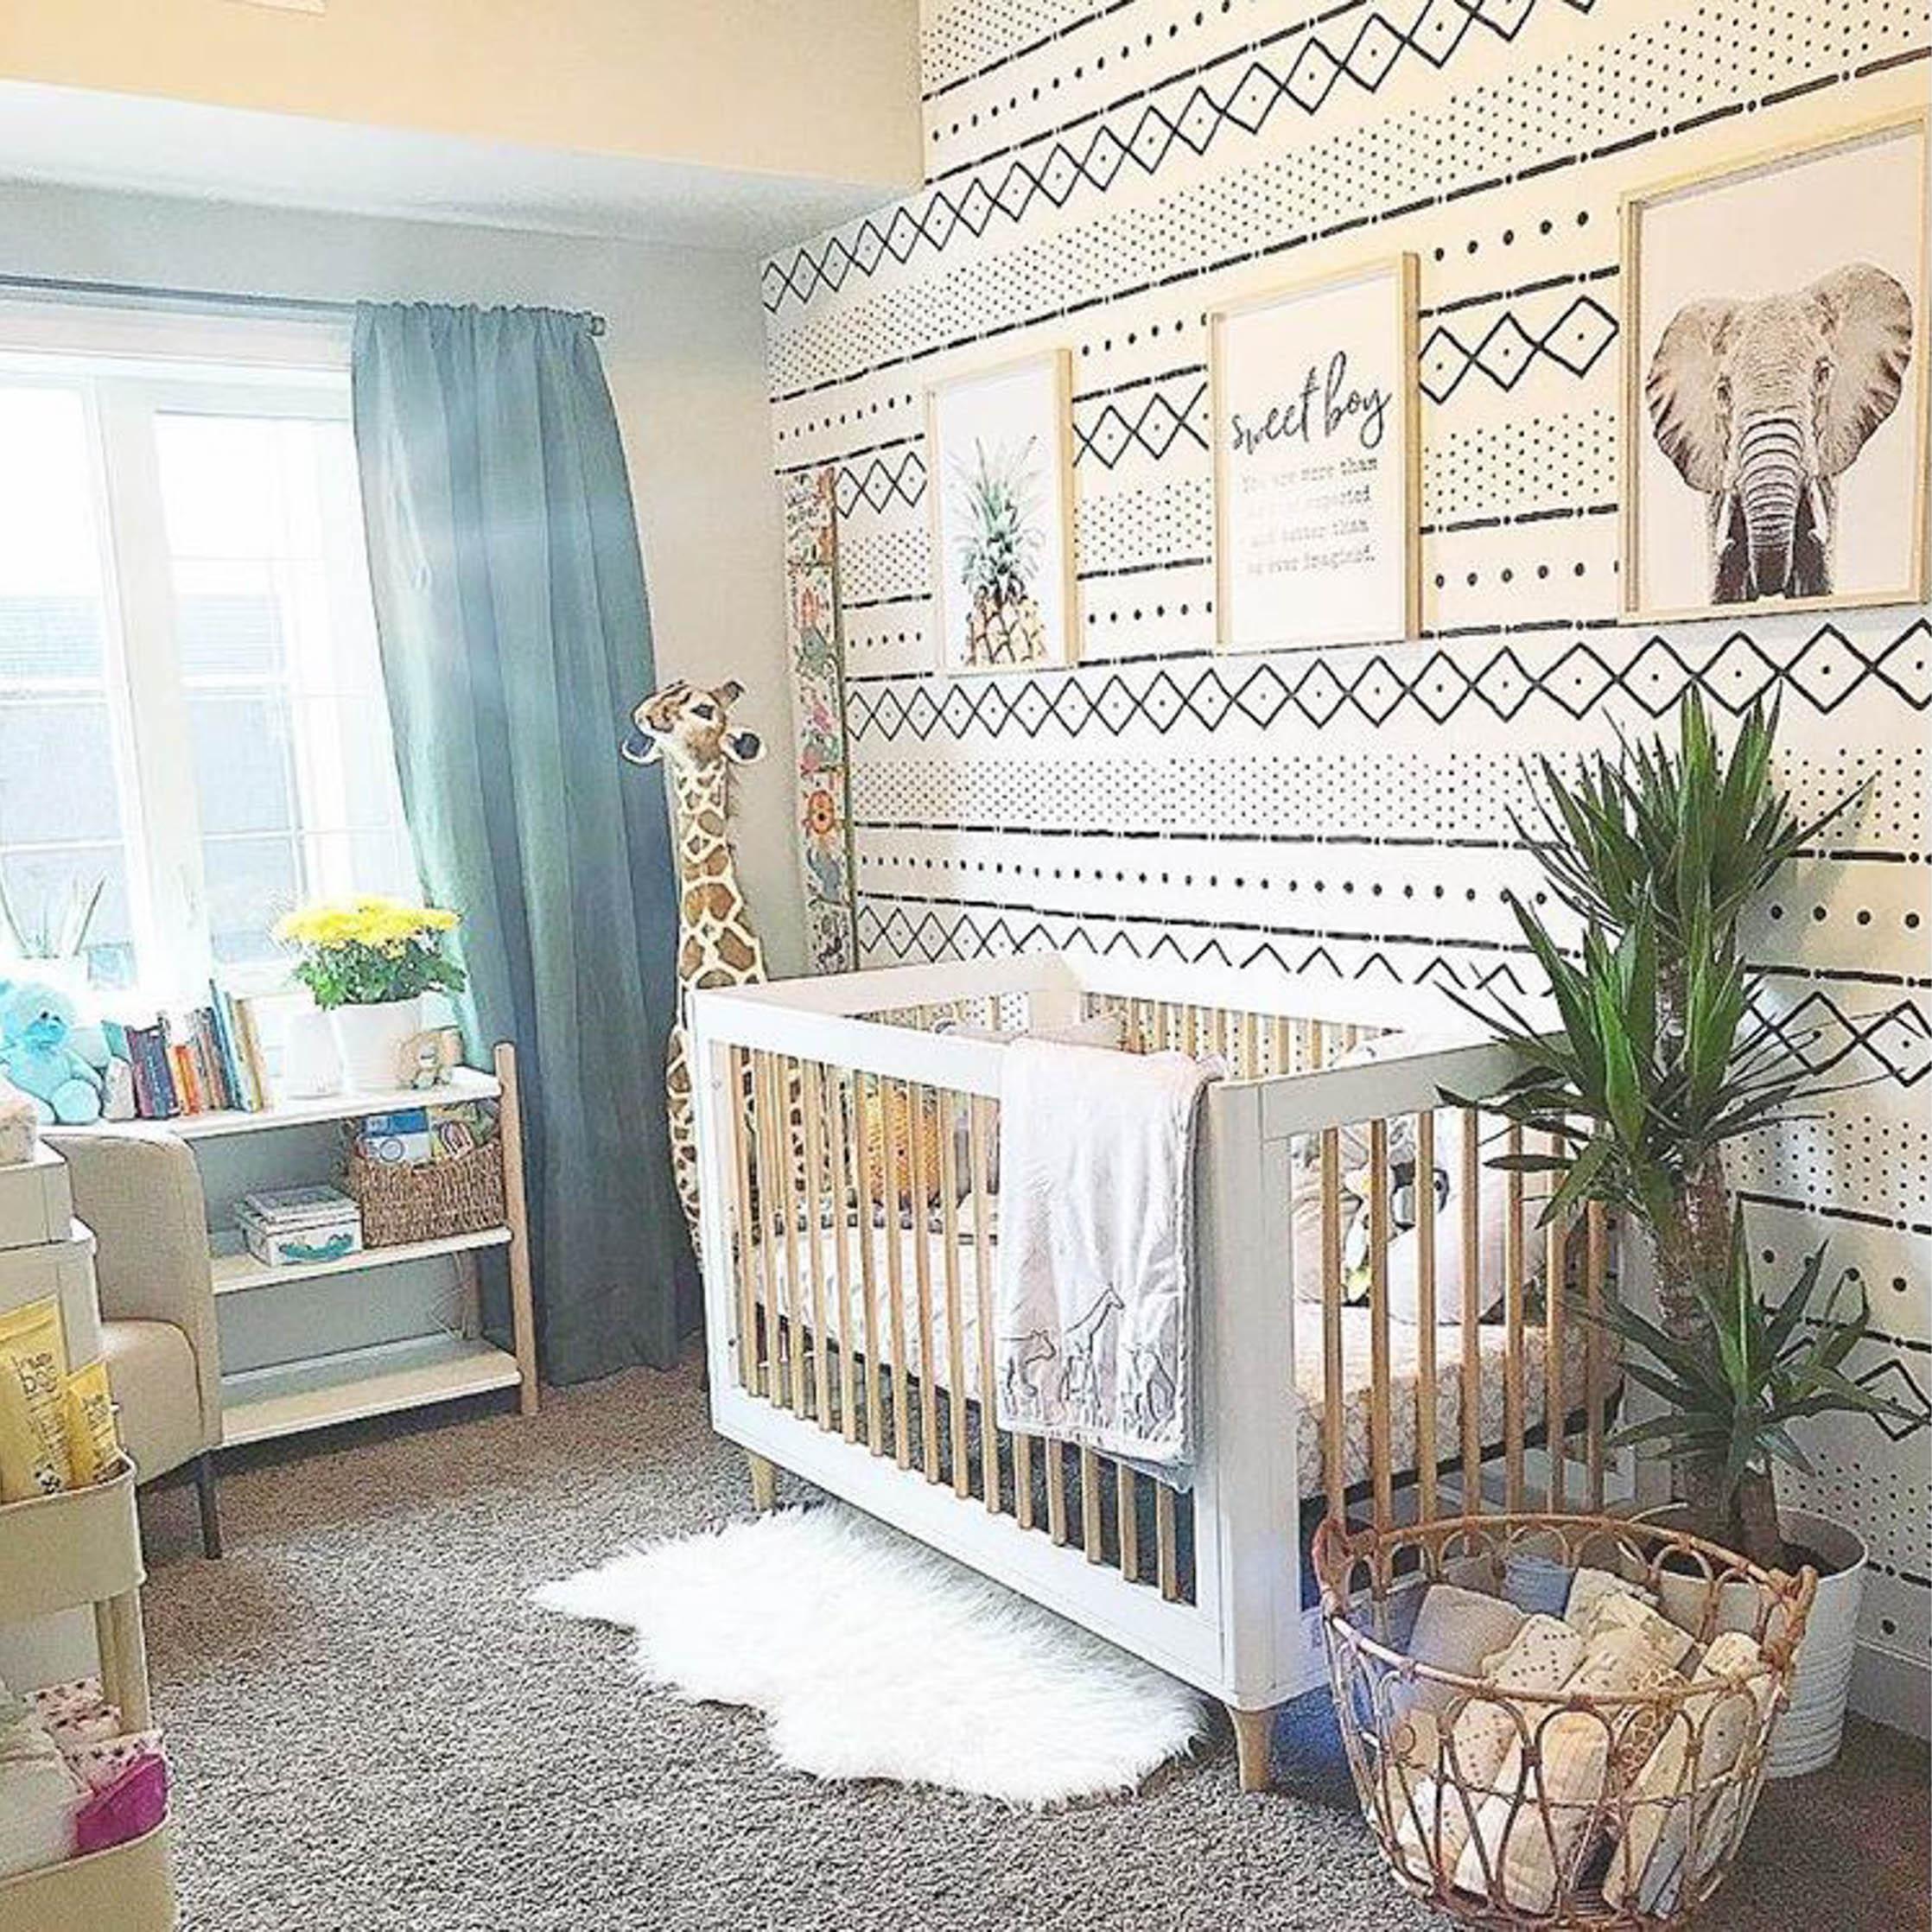 Nursery by @acksanna